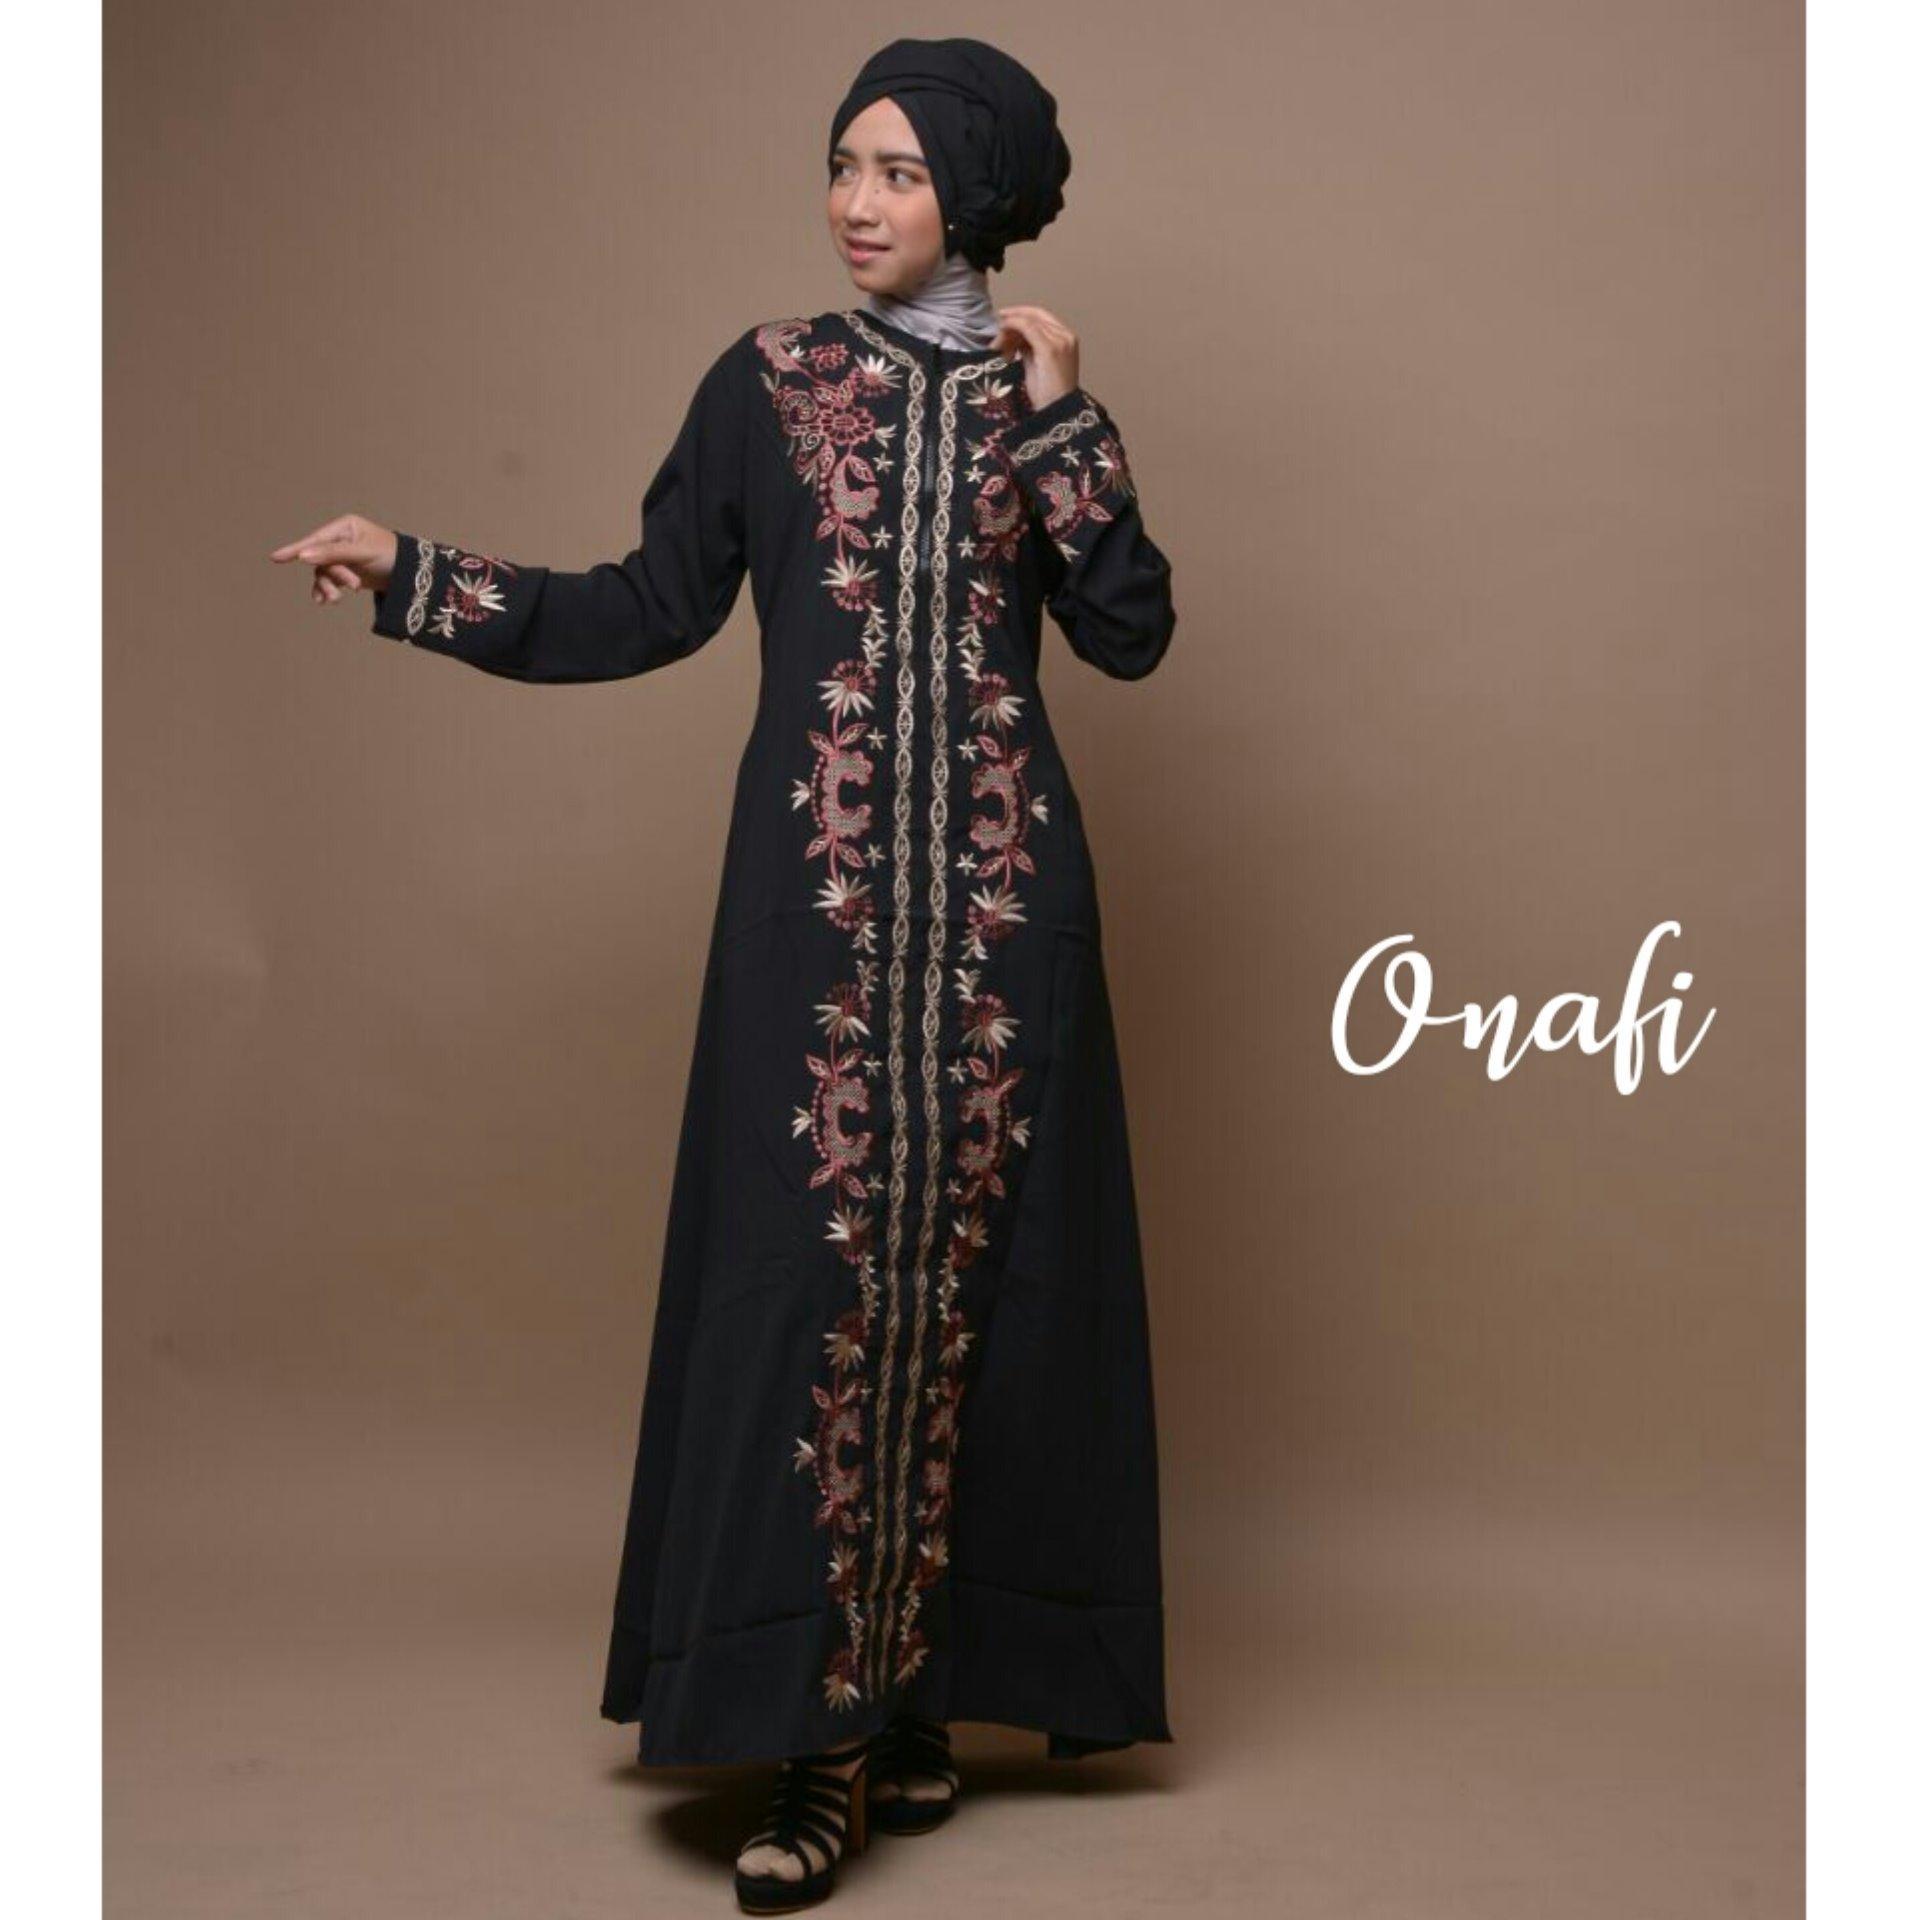 Dapatkan Segera Gamis Abaya Arab Hitam Bordir Flower Khalisha S Bata M Biru L Hijau